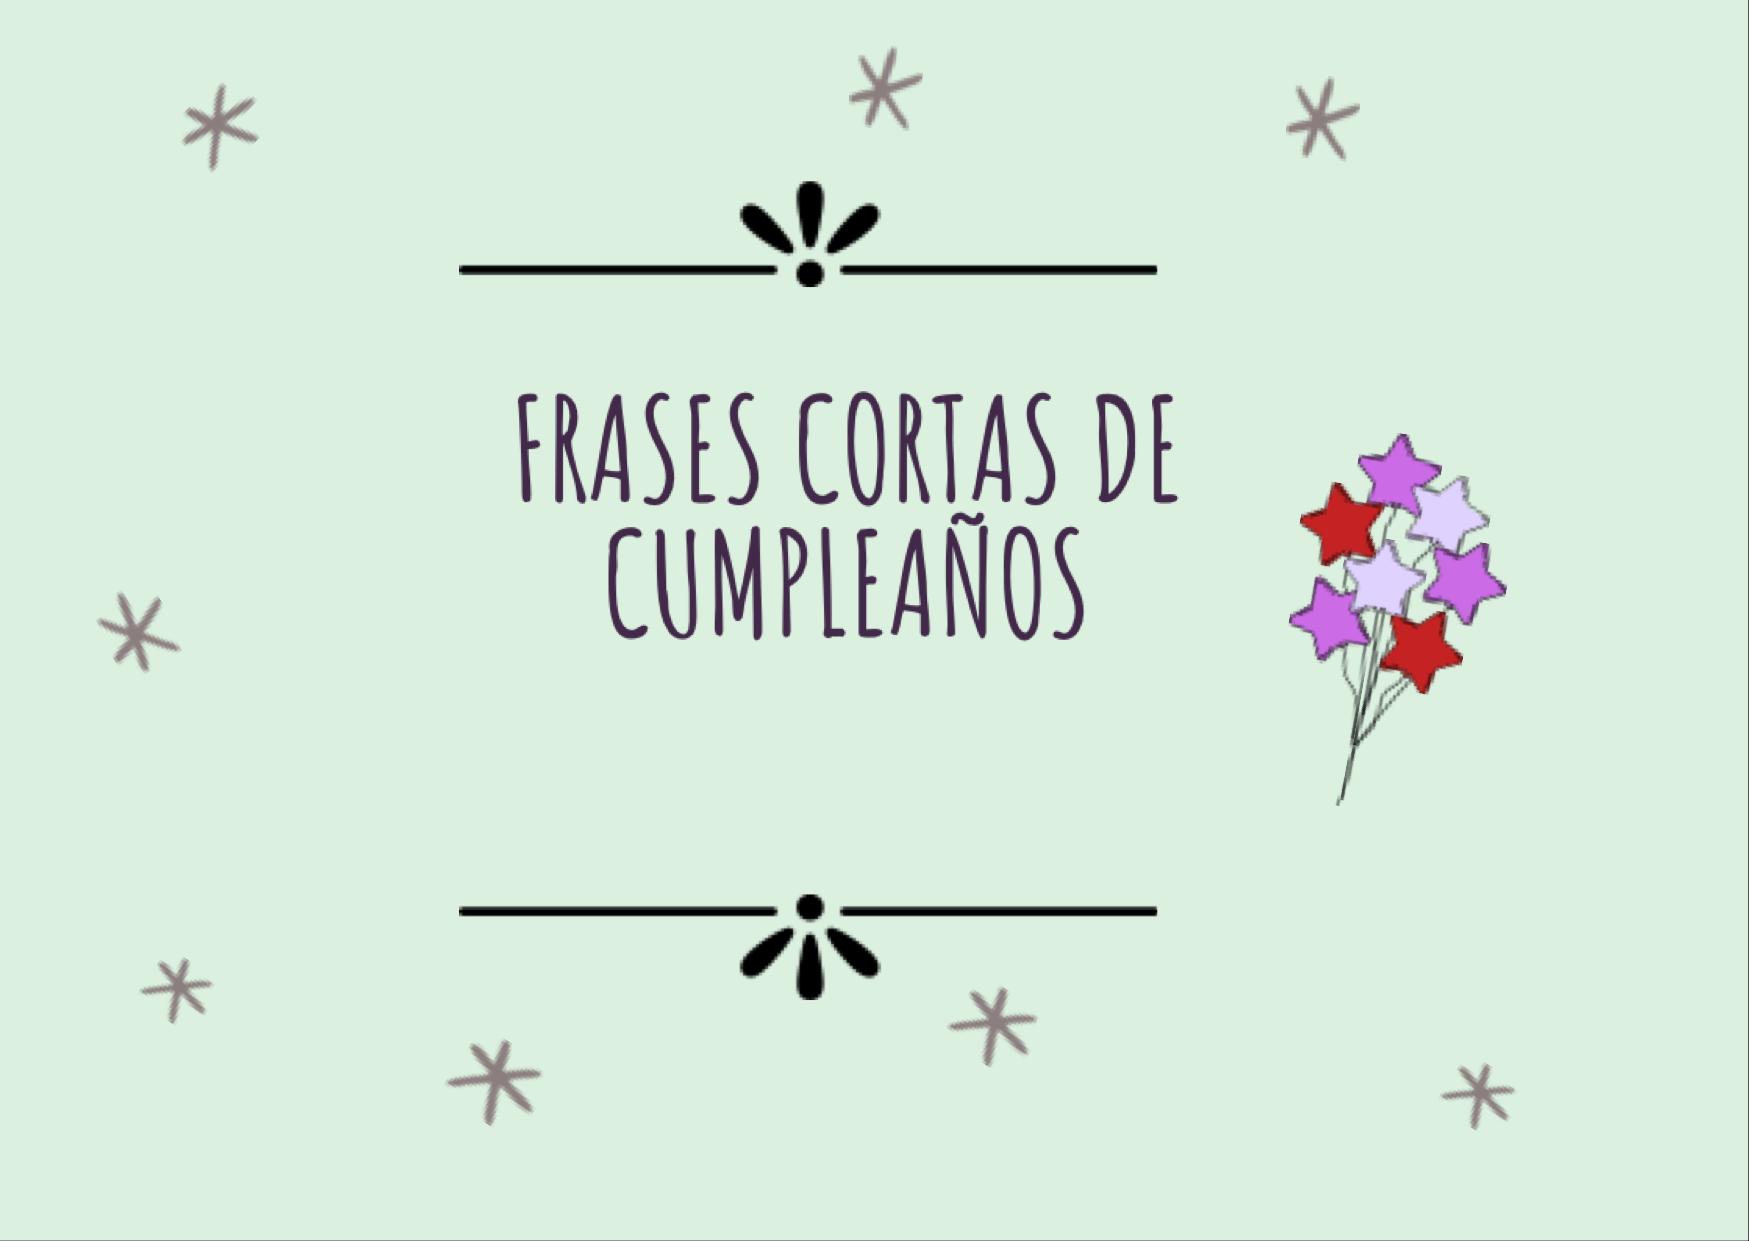 🎂Frases cortas de cumpleaños